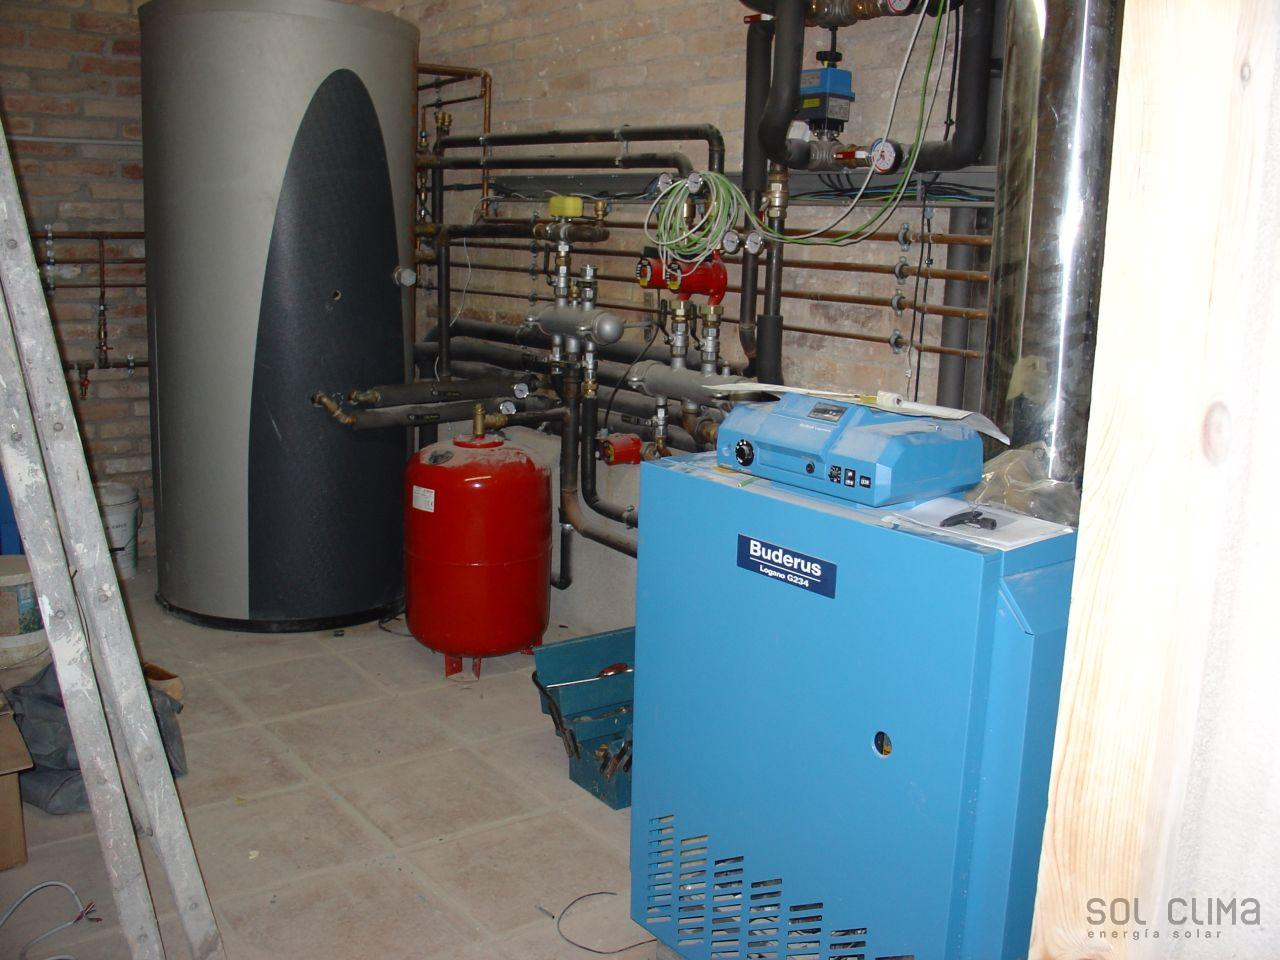 Instalacion energia solar fotovoltaica calefaccion for Calderas para calefaccion